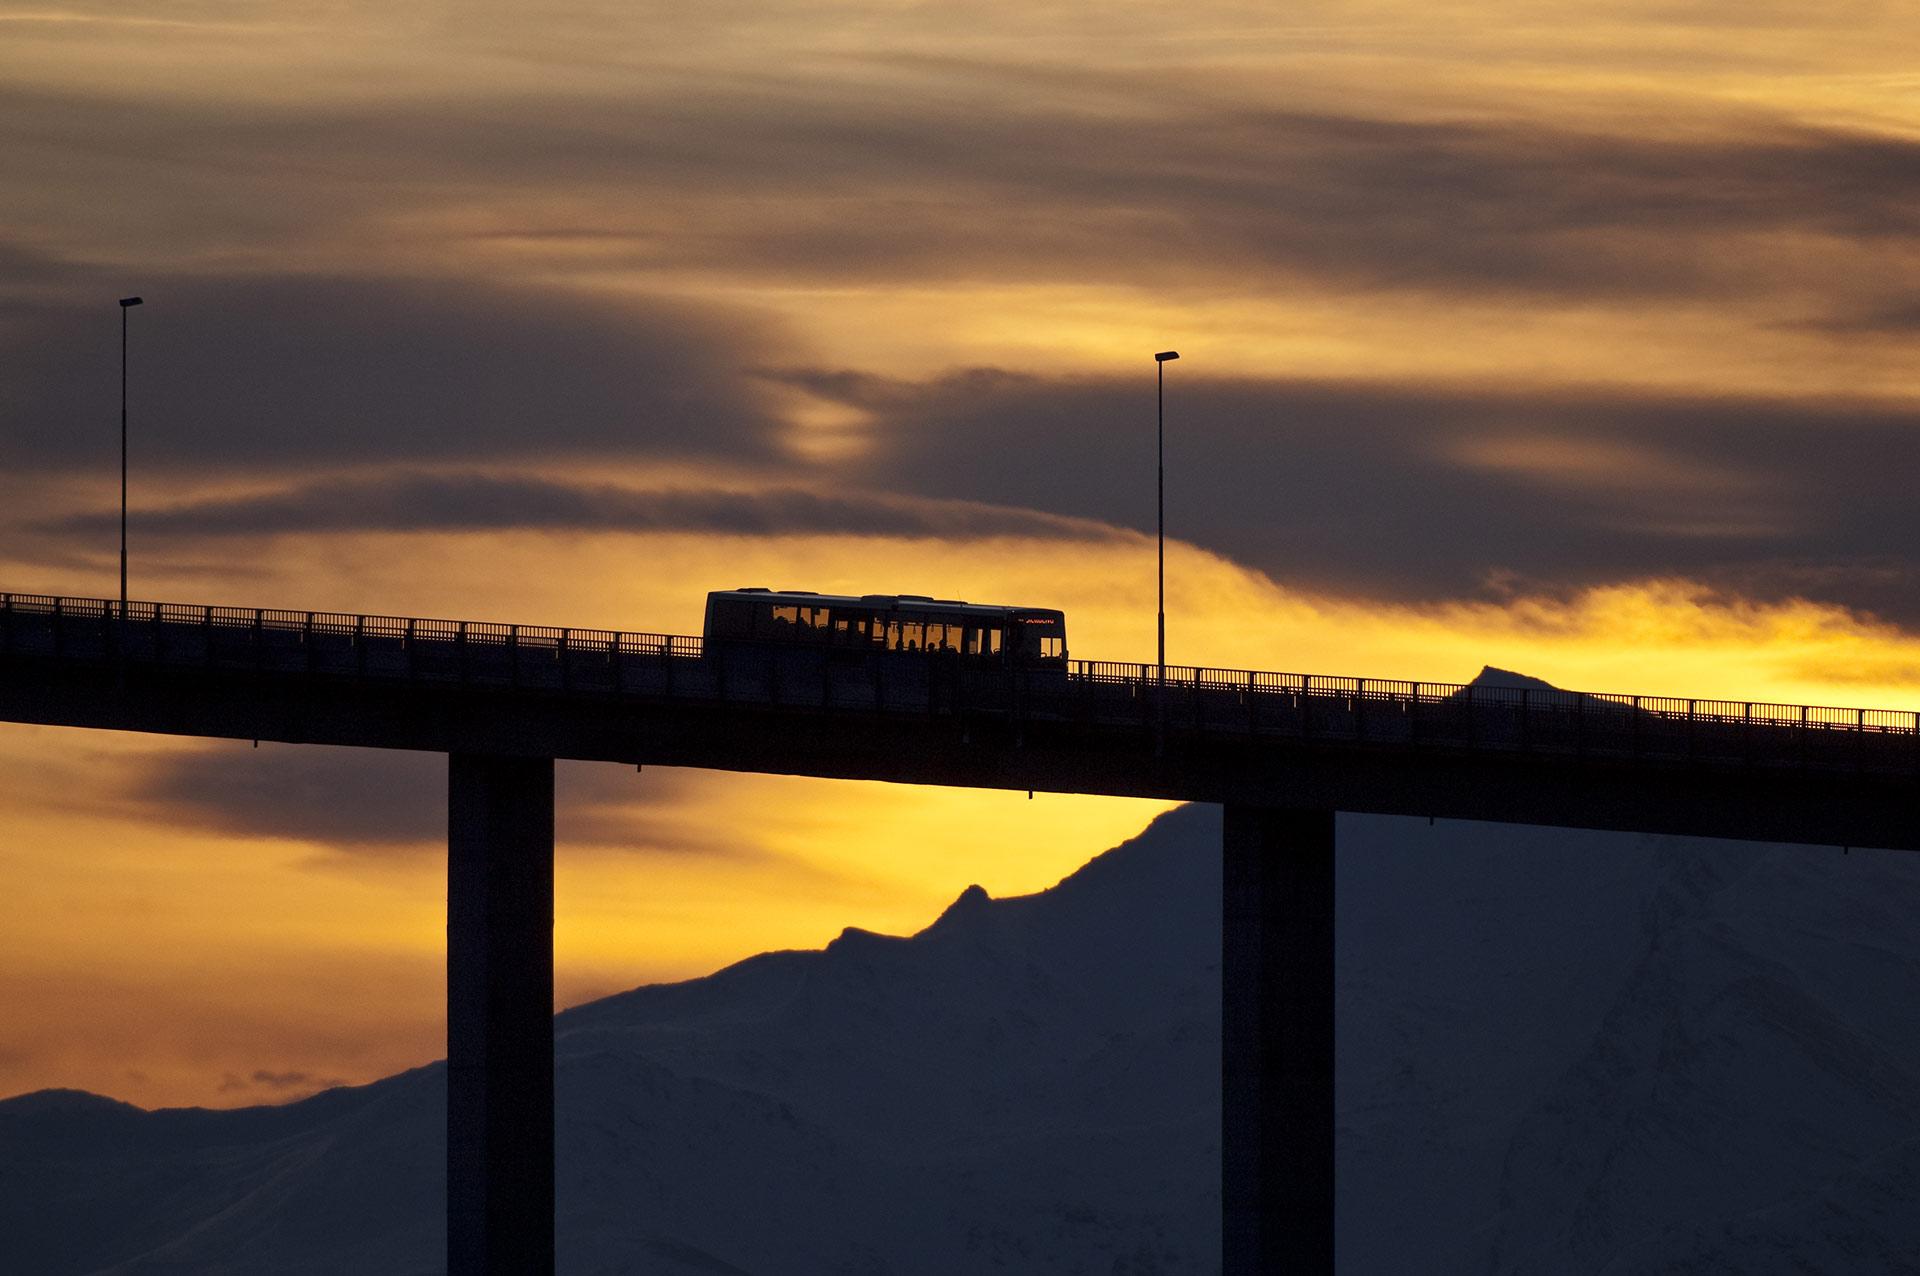 Bussen over Sandnessundbrua til Kvaløya, Tromsø © Gaute Bruvik